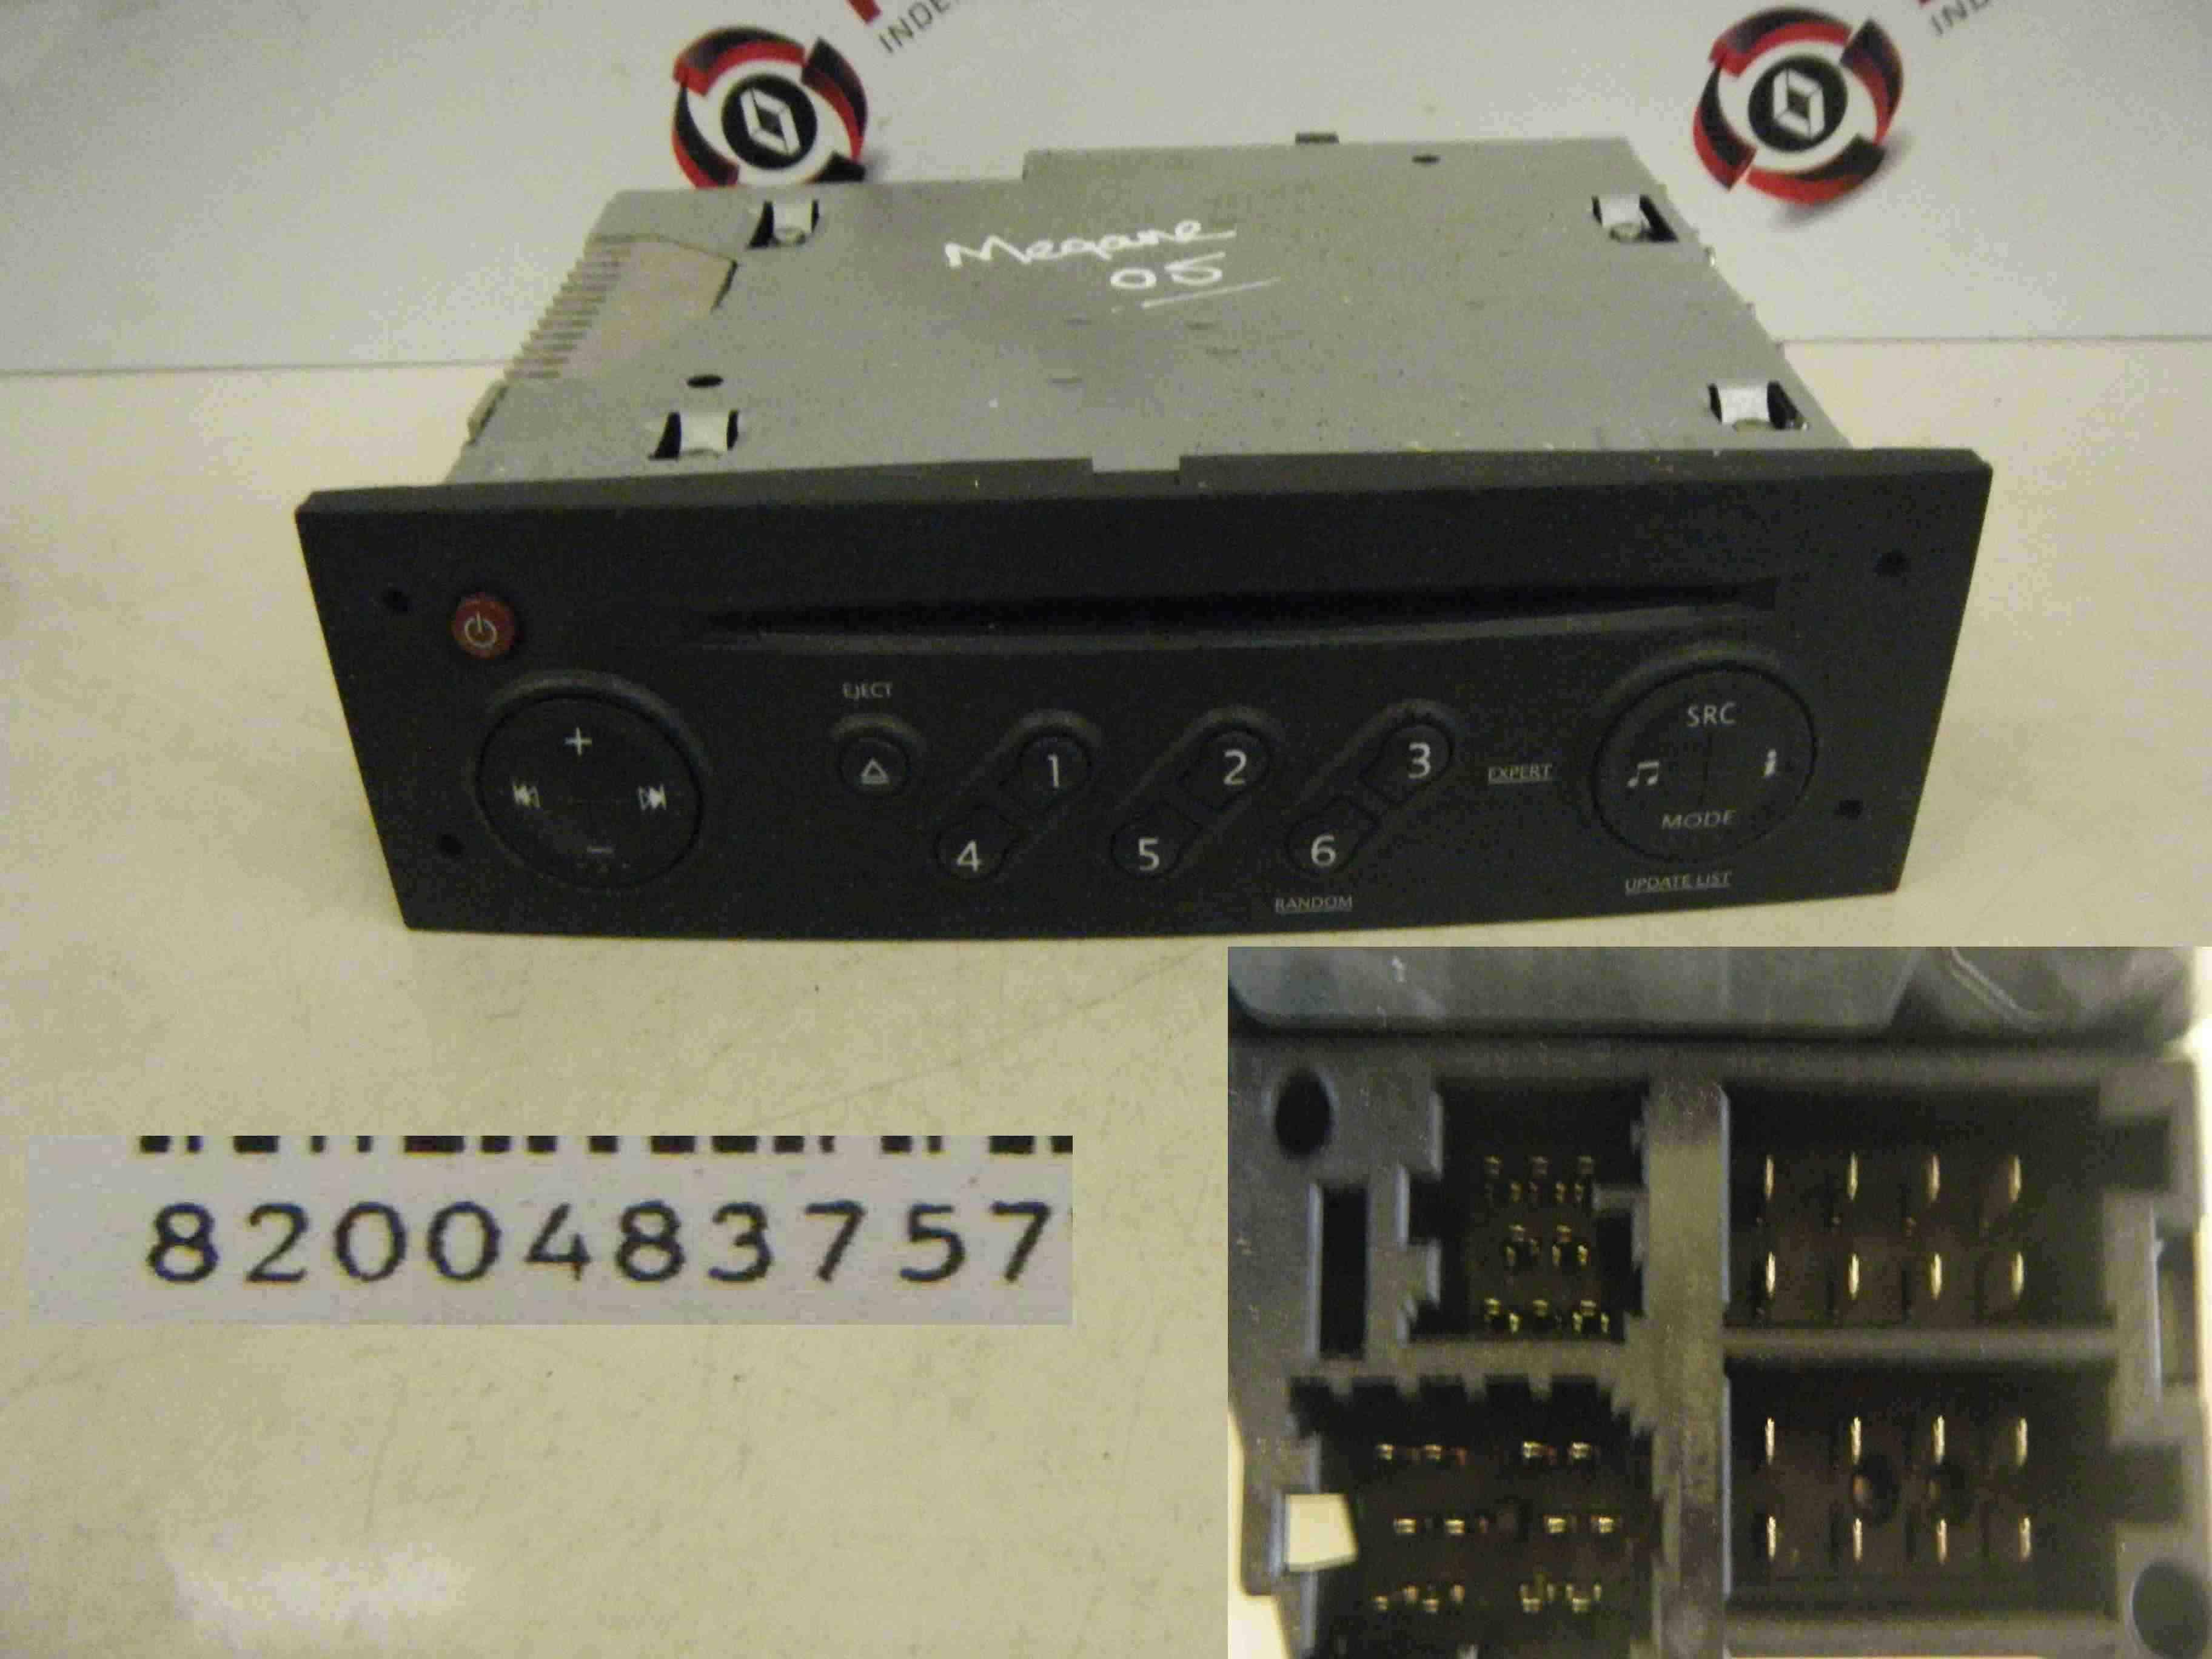 renault megane 2002 2008 cd player update list radio 8200483757 code ebay. Black Bedroom Furniture Sets. Home Design Ideas